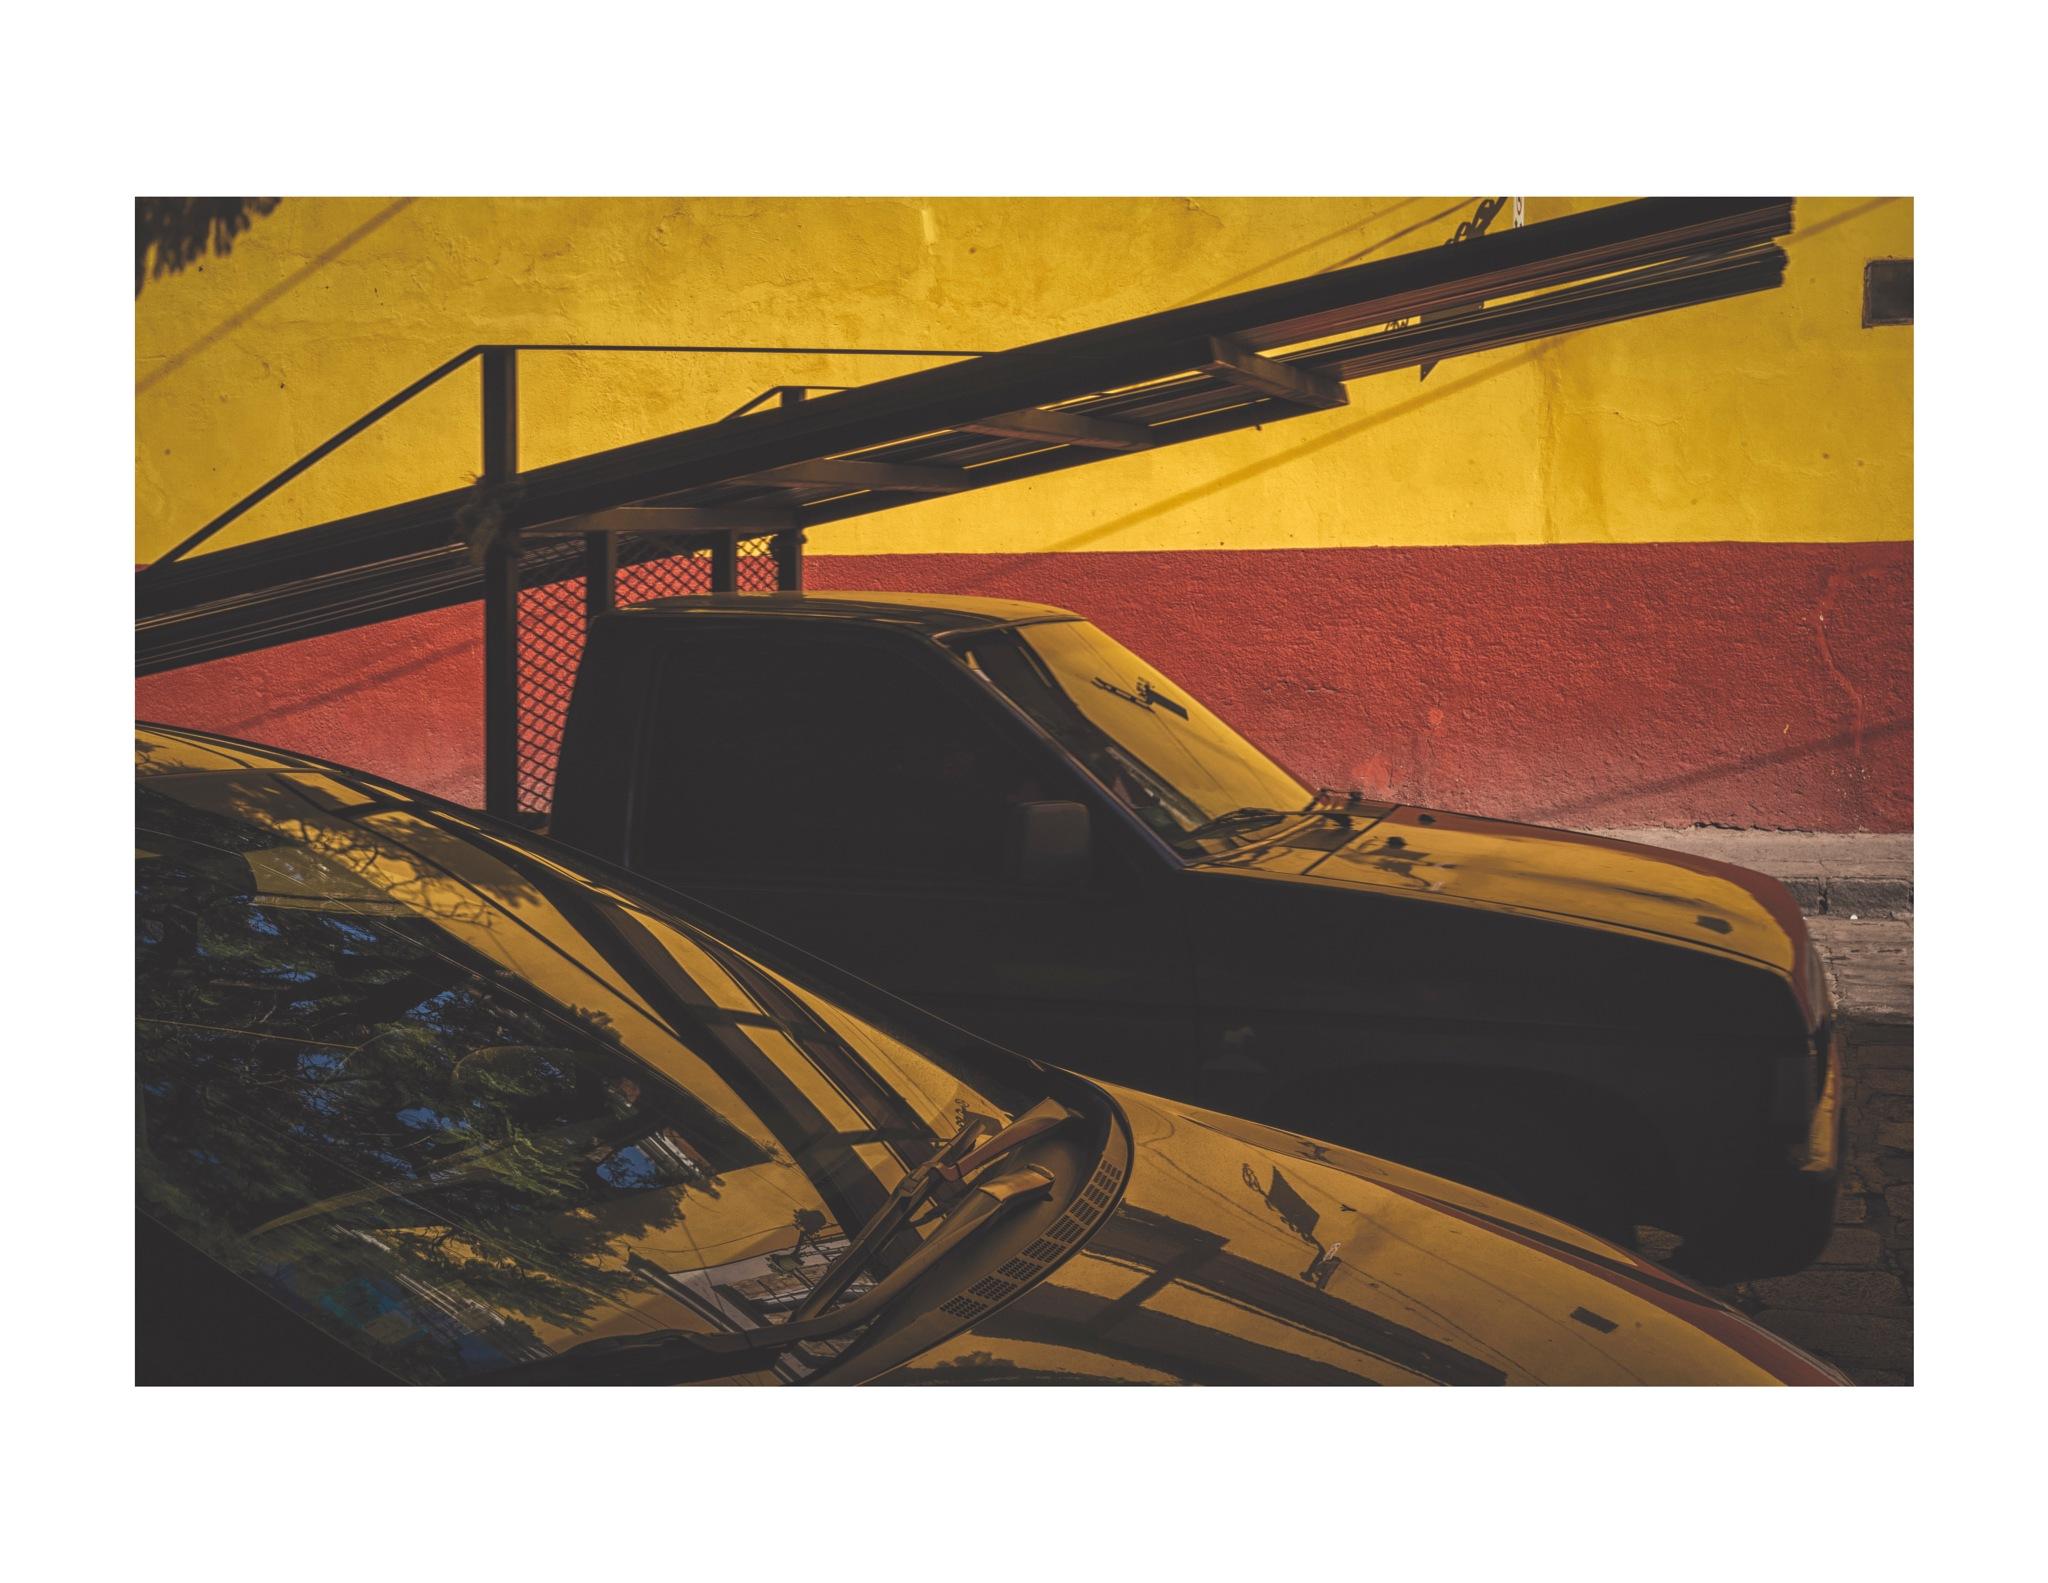 Shadow Trucks by jhulton